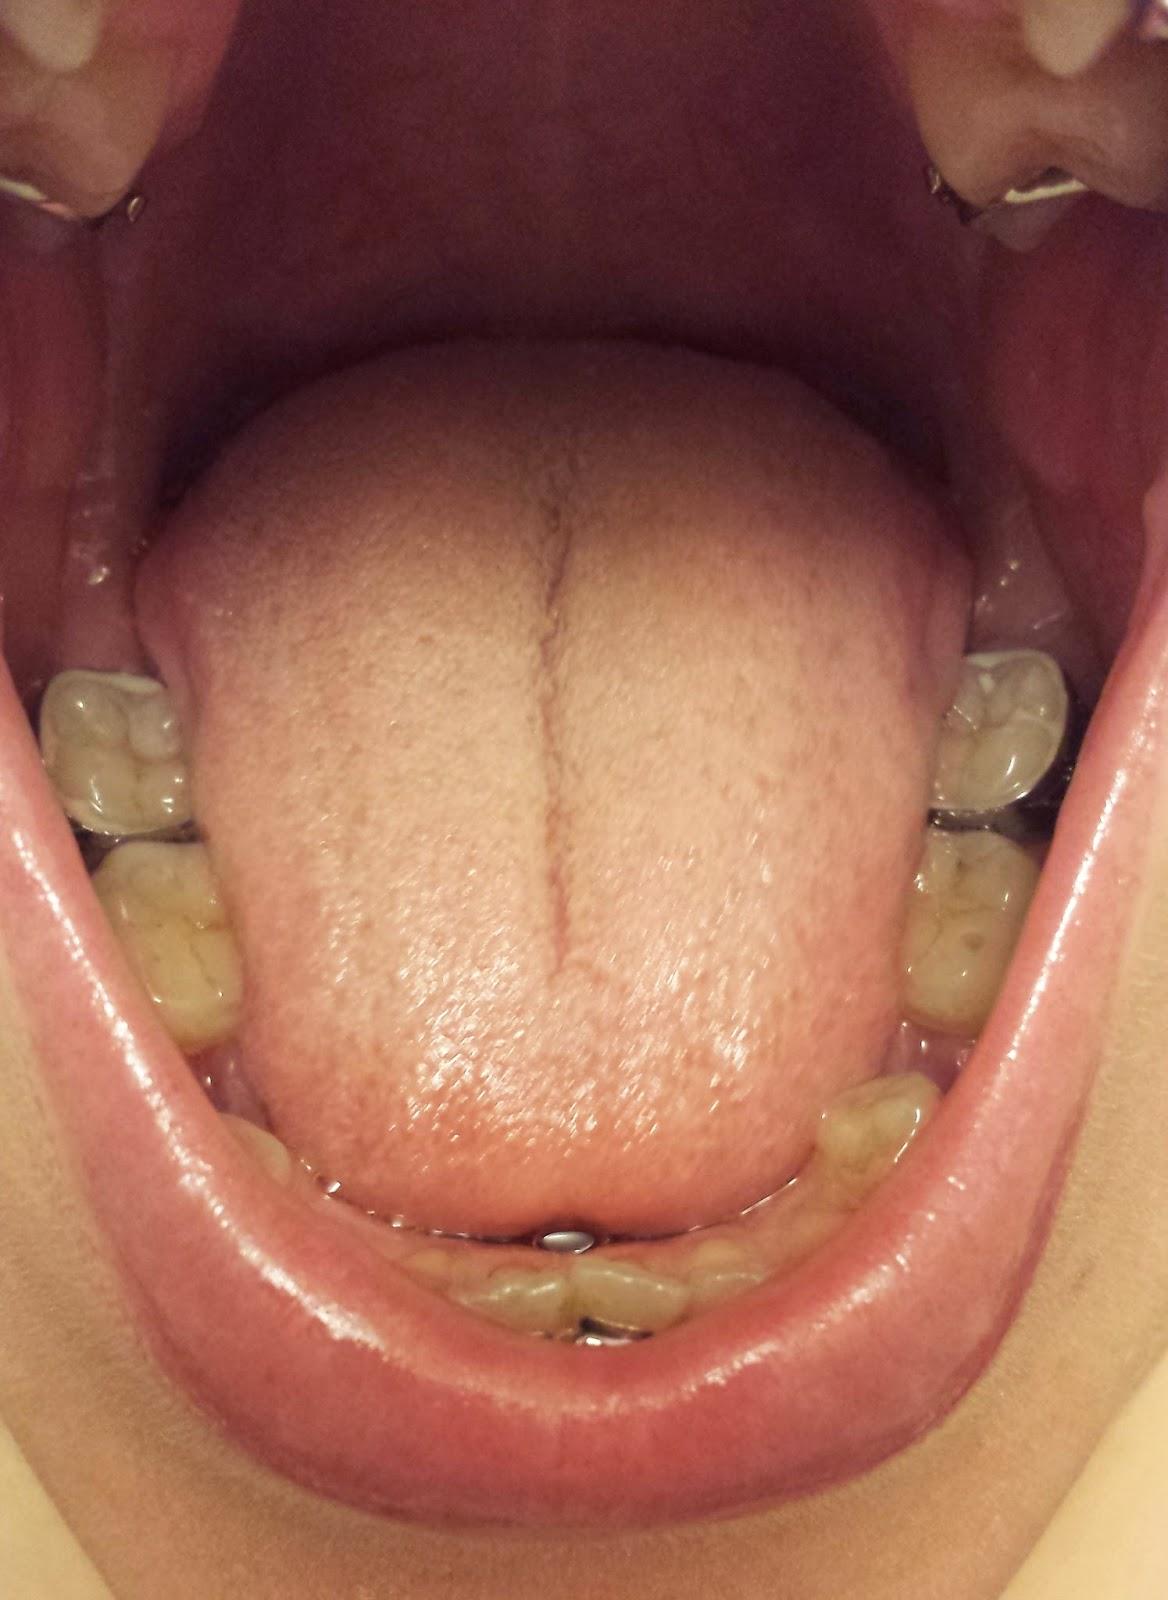 blåsor bak på tungan